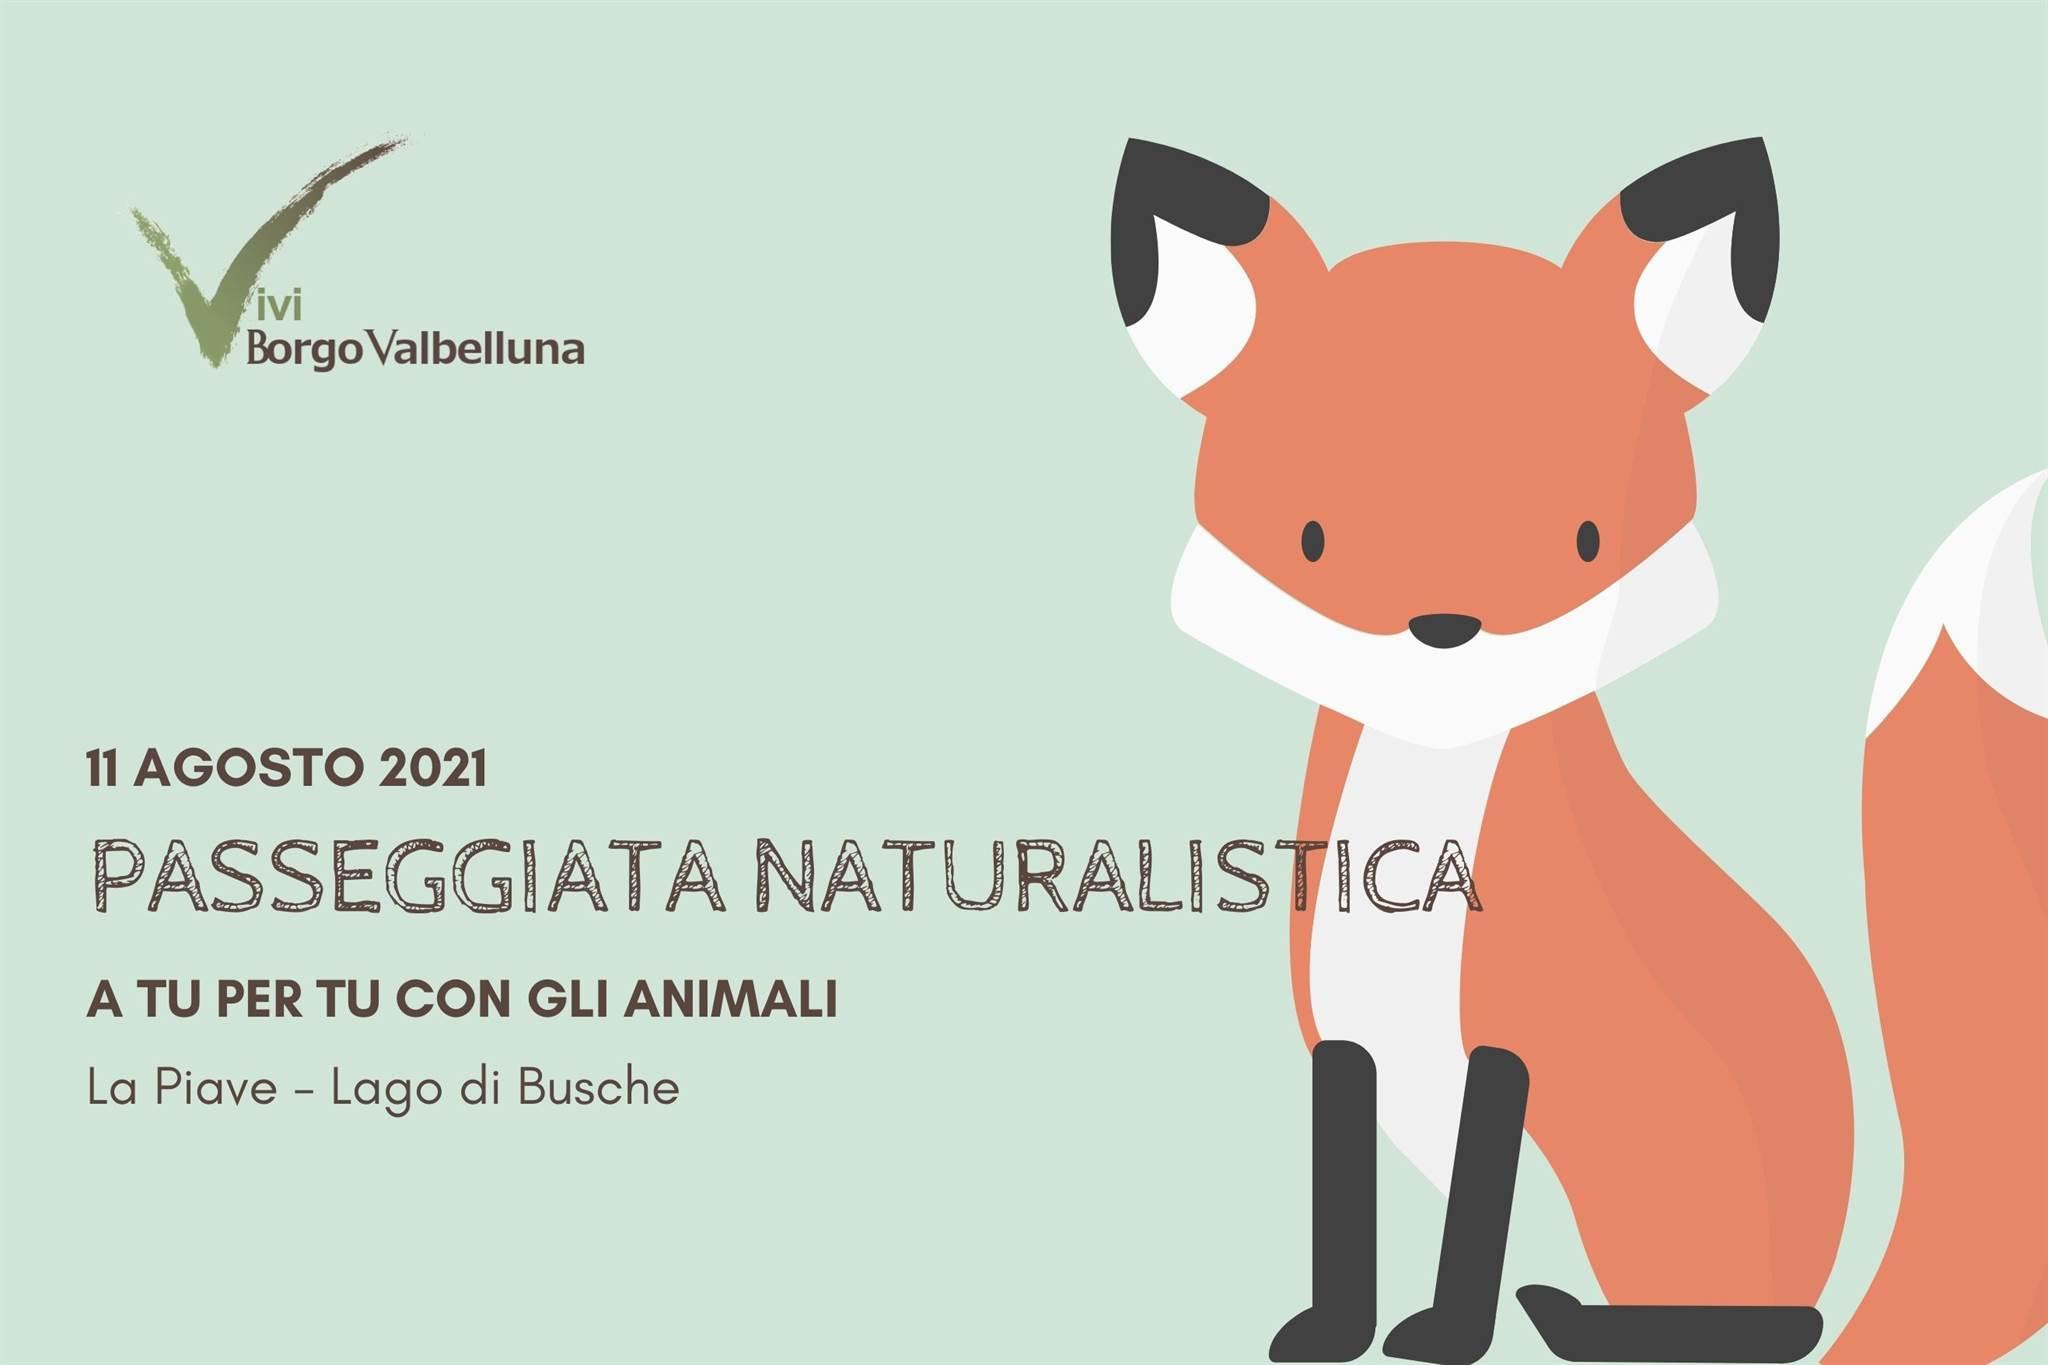 Vivi Borgo Valbelluna – A tu per tu con gli animali